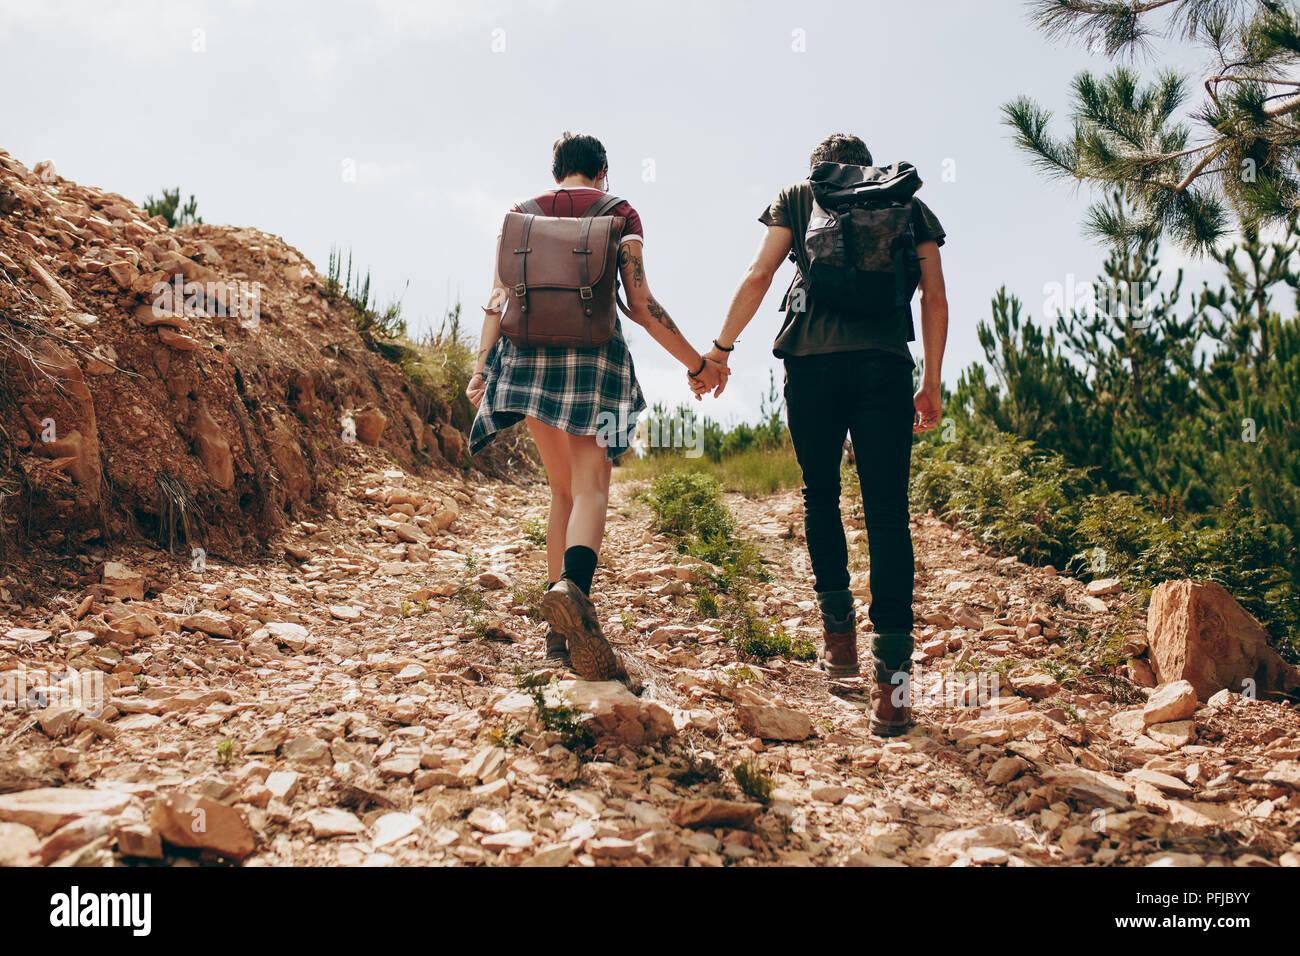 Ansicht von hinten von einem Mann und einer Frau Trekking ein unwegsames Gelände zusammen halten sich an den Händen. Paar Rucksäcke tragen im Urlaub Wandern auf einem Hügel. Stockbild